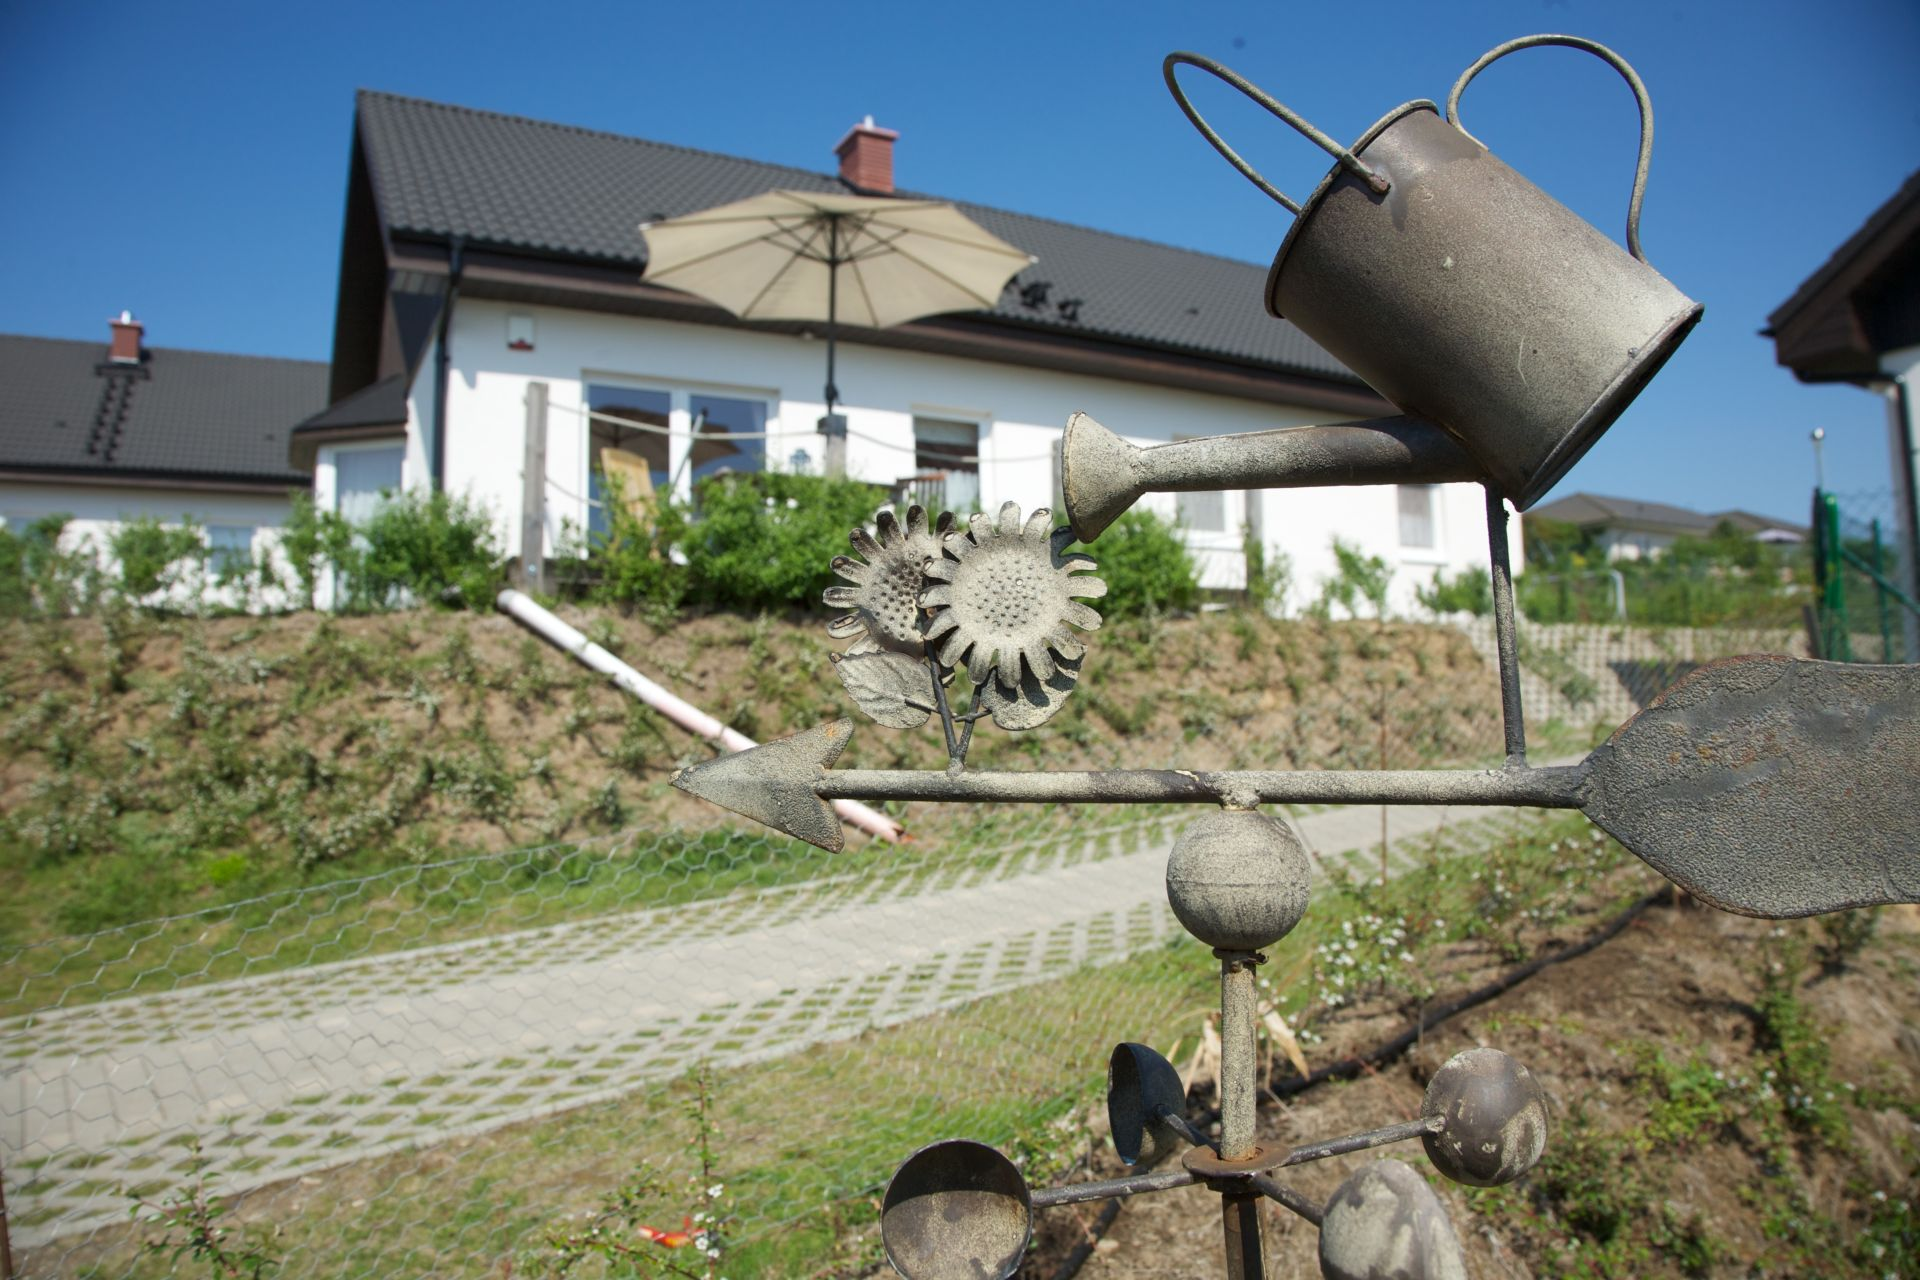 Außenansicht der Ferienhaus / Ferienhäuser im Seebad Bansin auf der Insel Usedom.